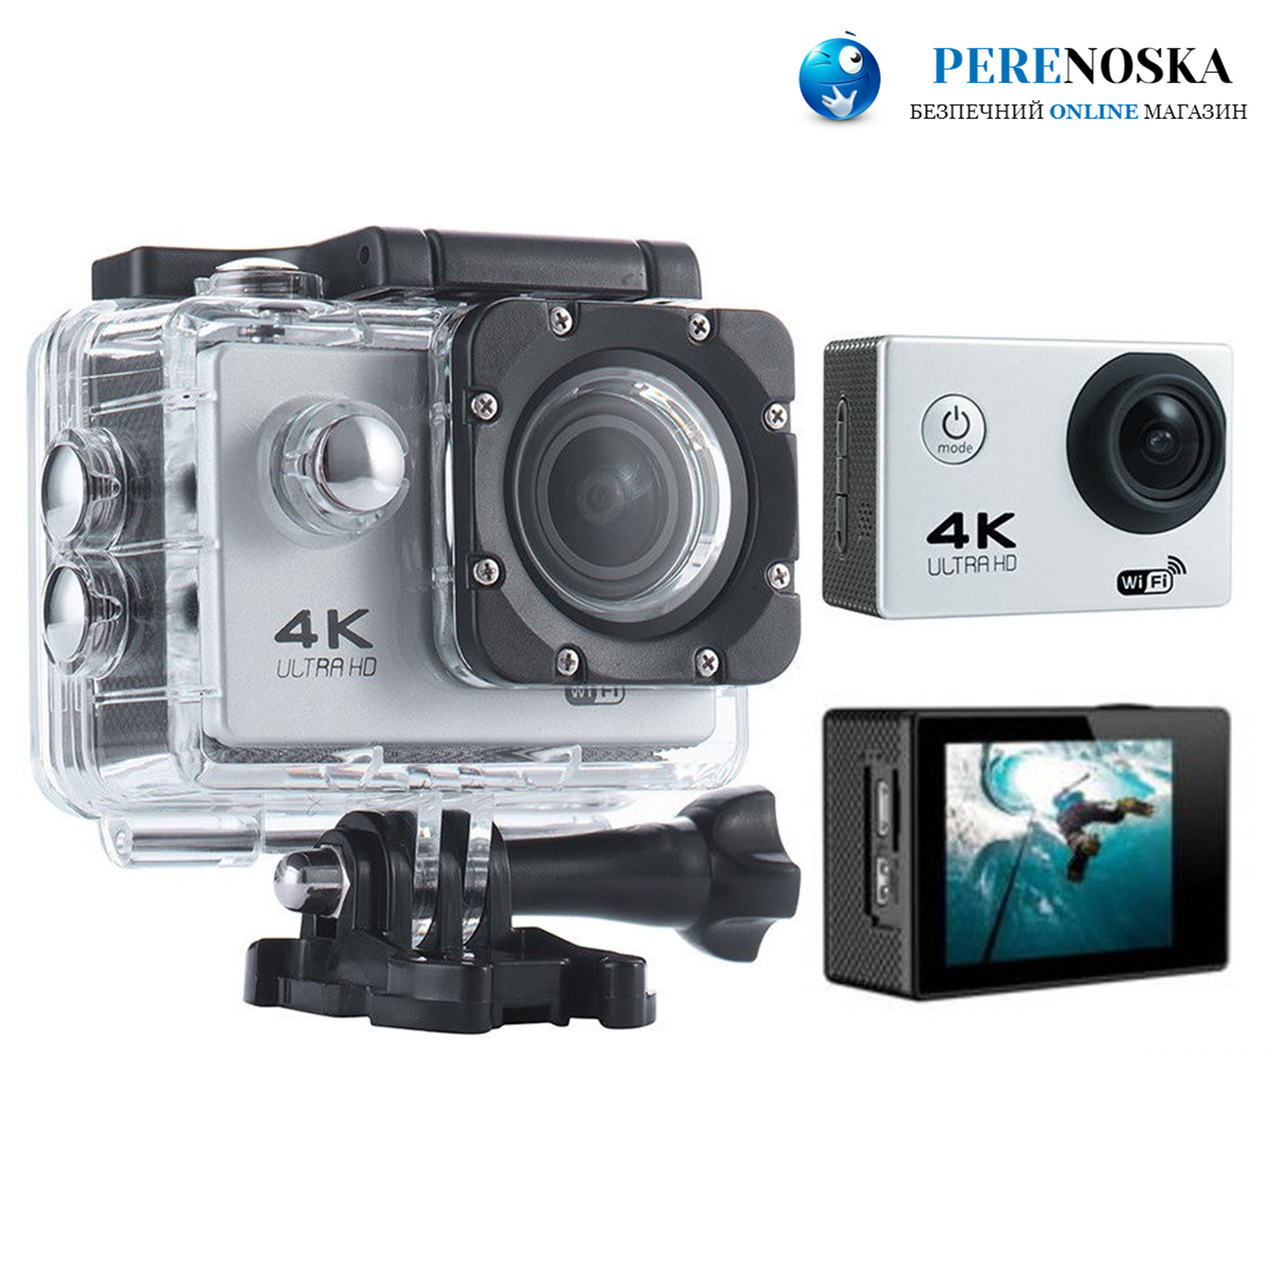 Экшн-Камера F60B| Качество камеры 4К| + Есть встроенный WiFi